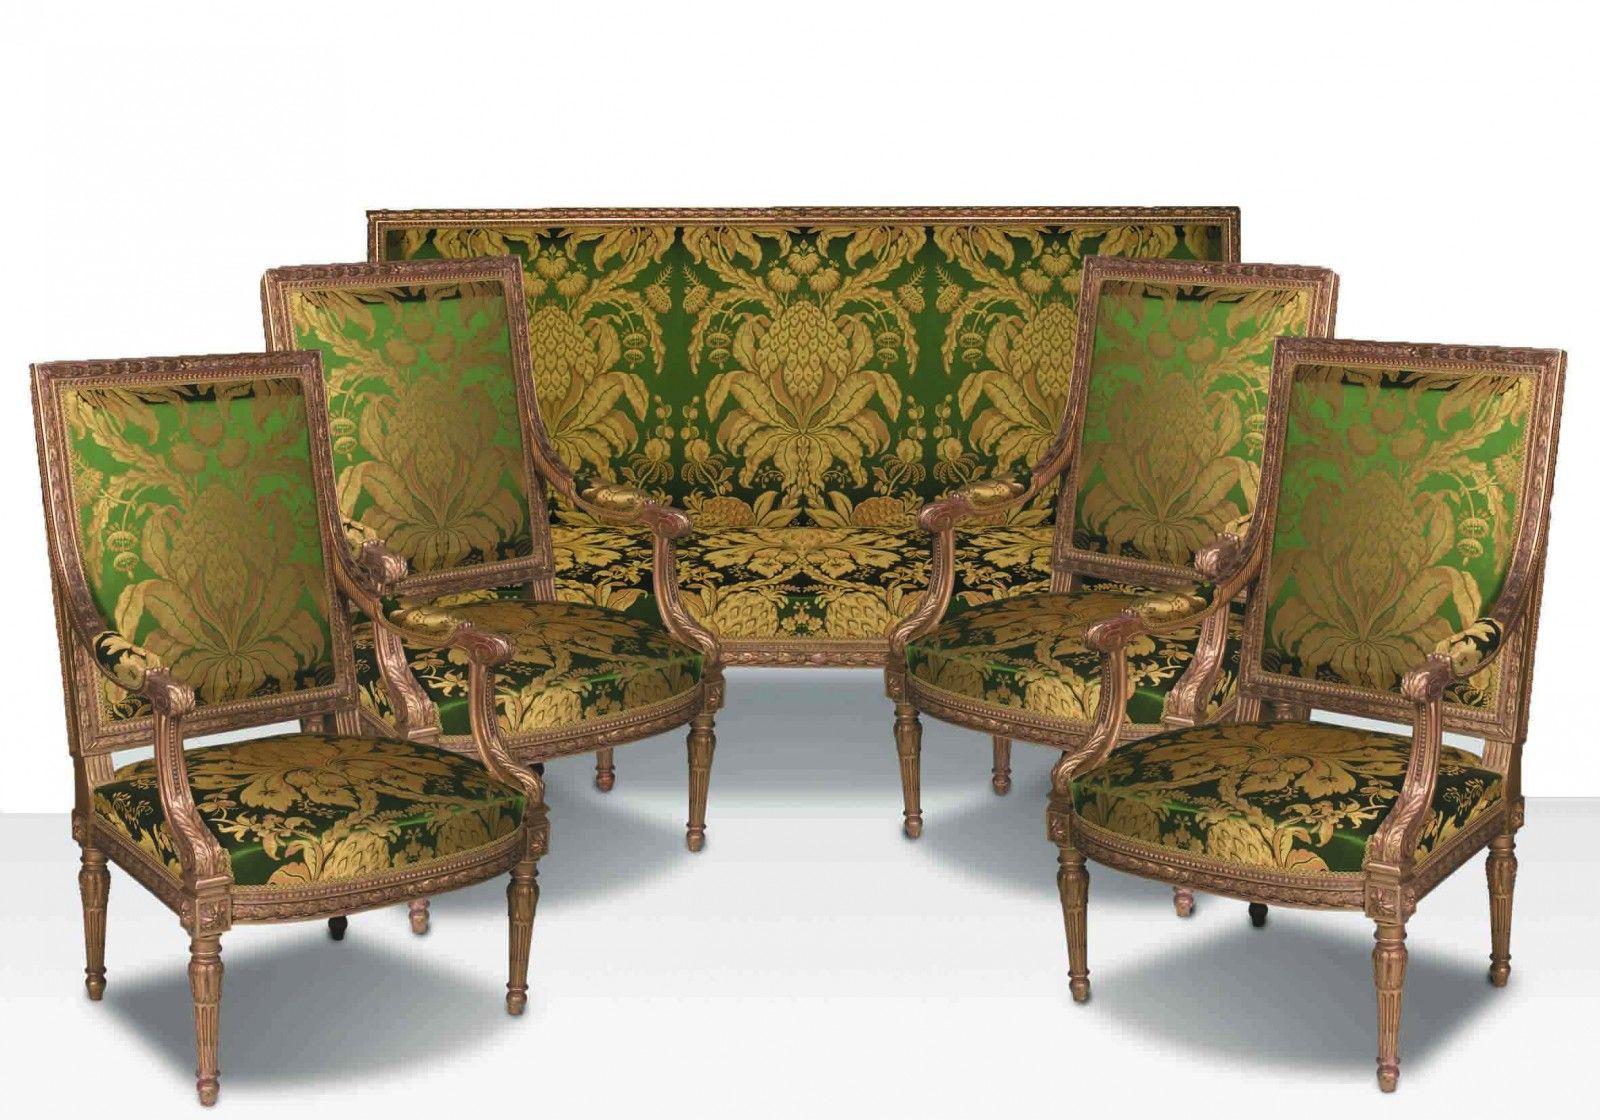 Mobilier de salon de style louis xvi par maison jansen compos de quatre fauteuils la reine et - Salon louis xvi ...